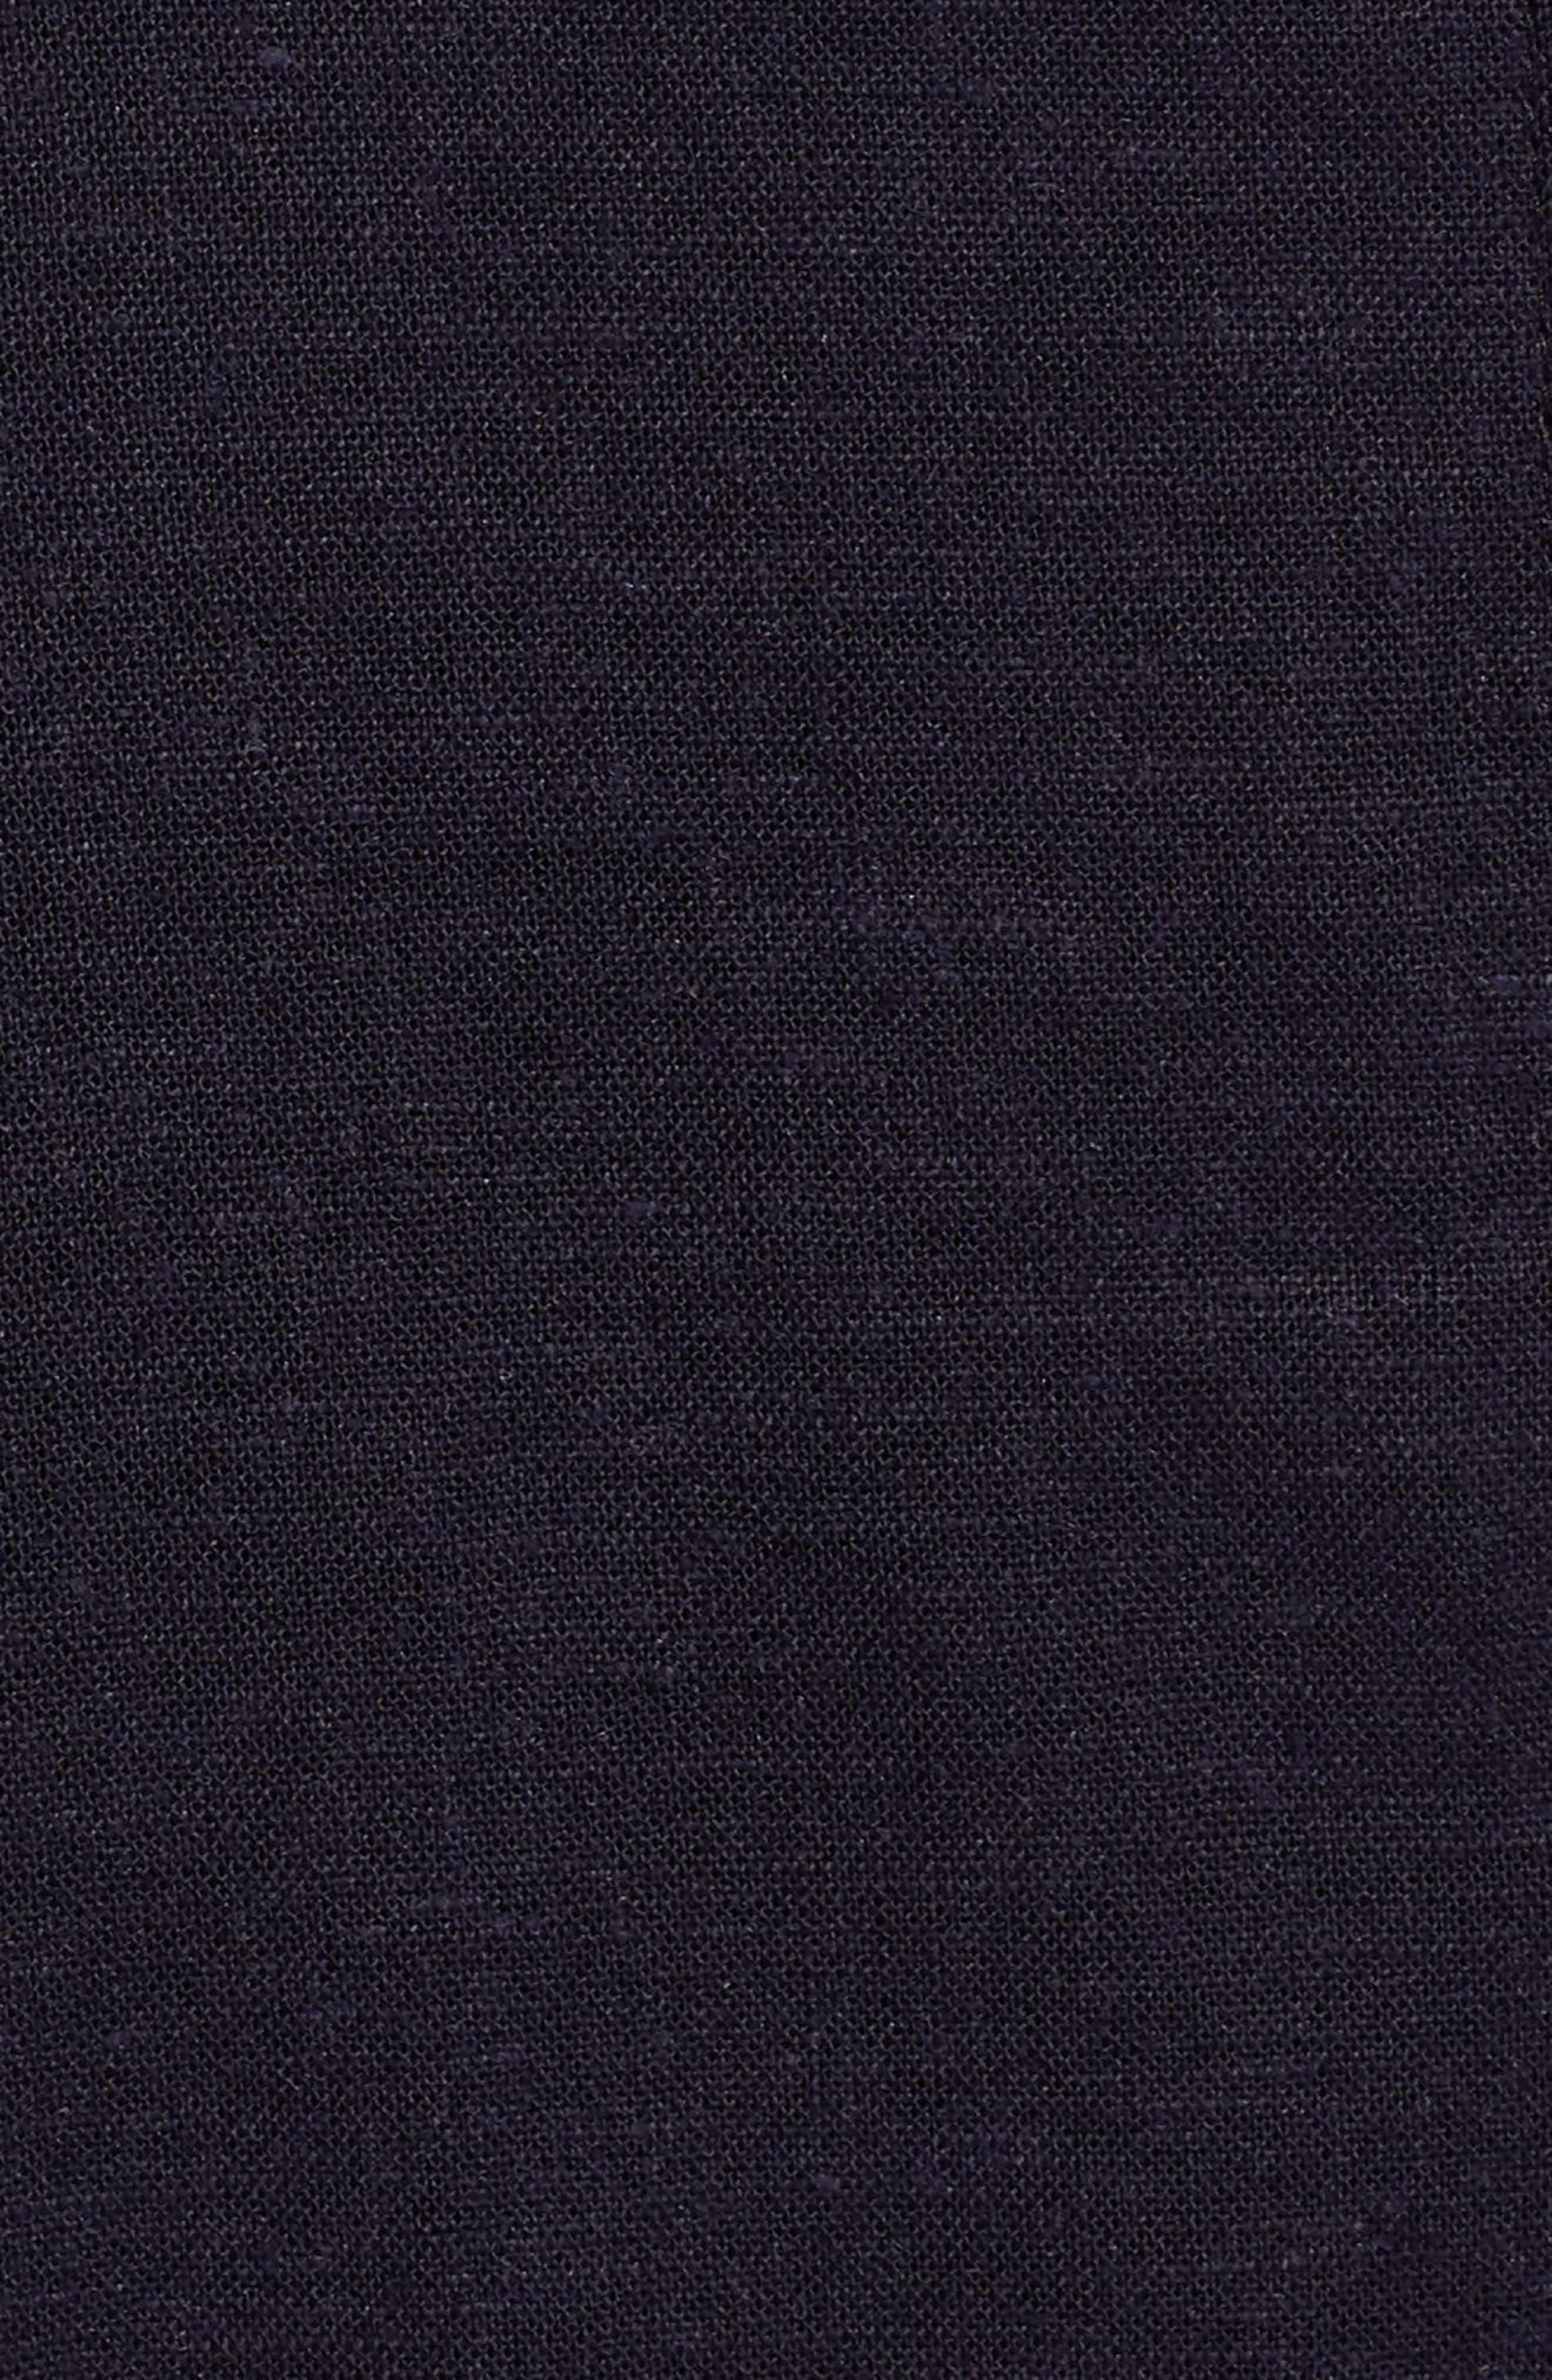 Colorblock Linen Blend Skirt,                             Alternate thumbnail 5, color,                             410